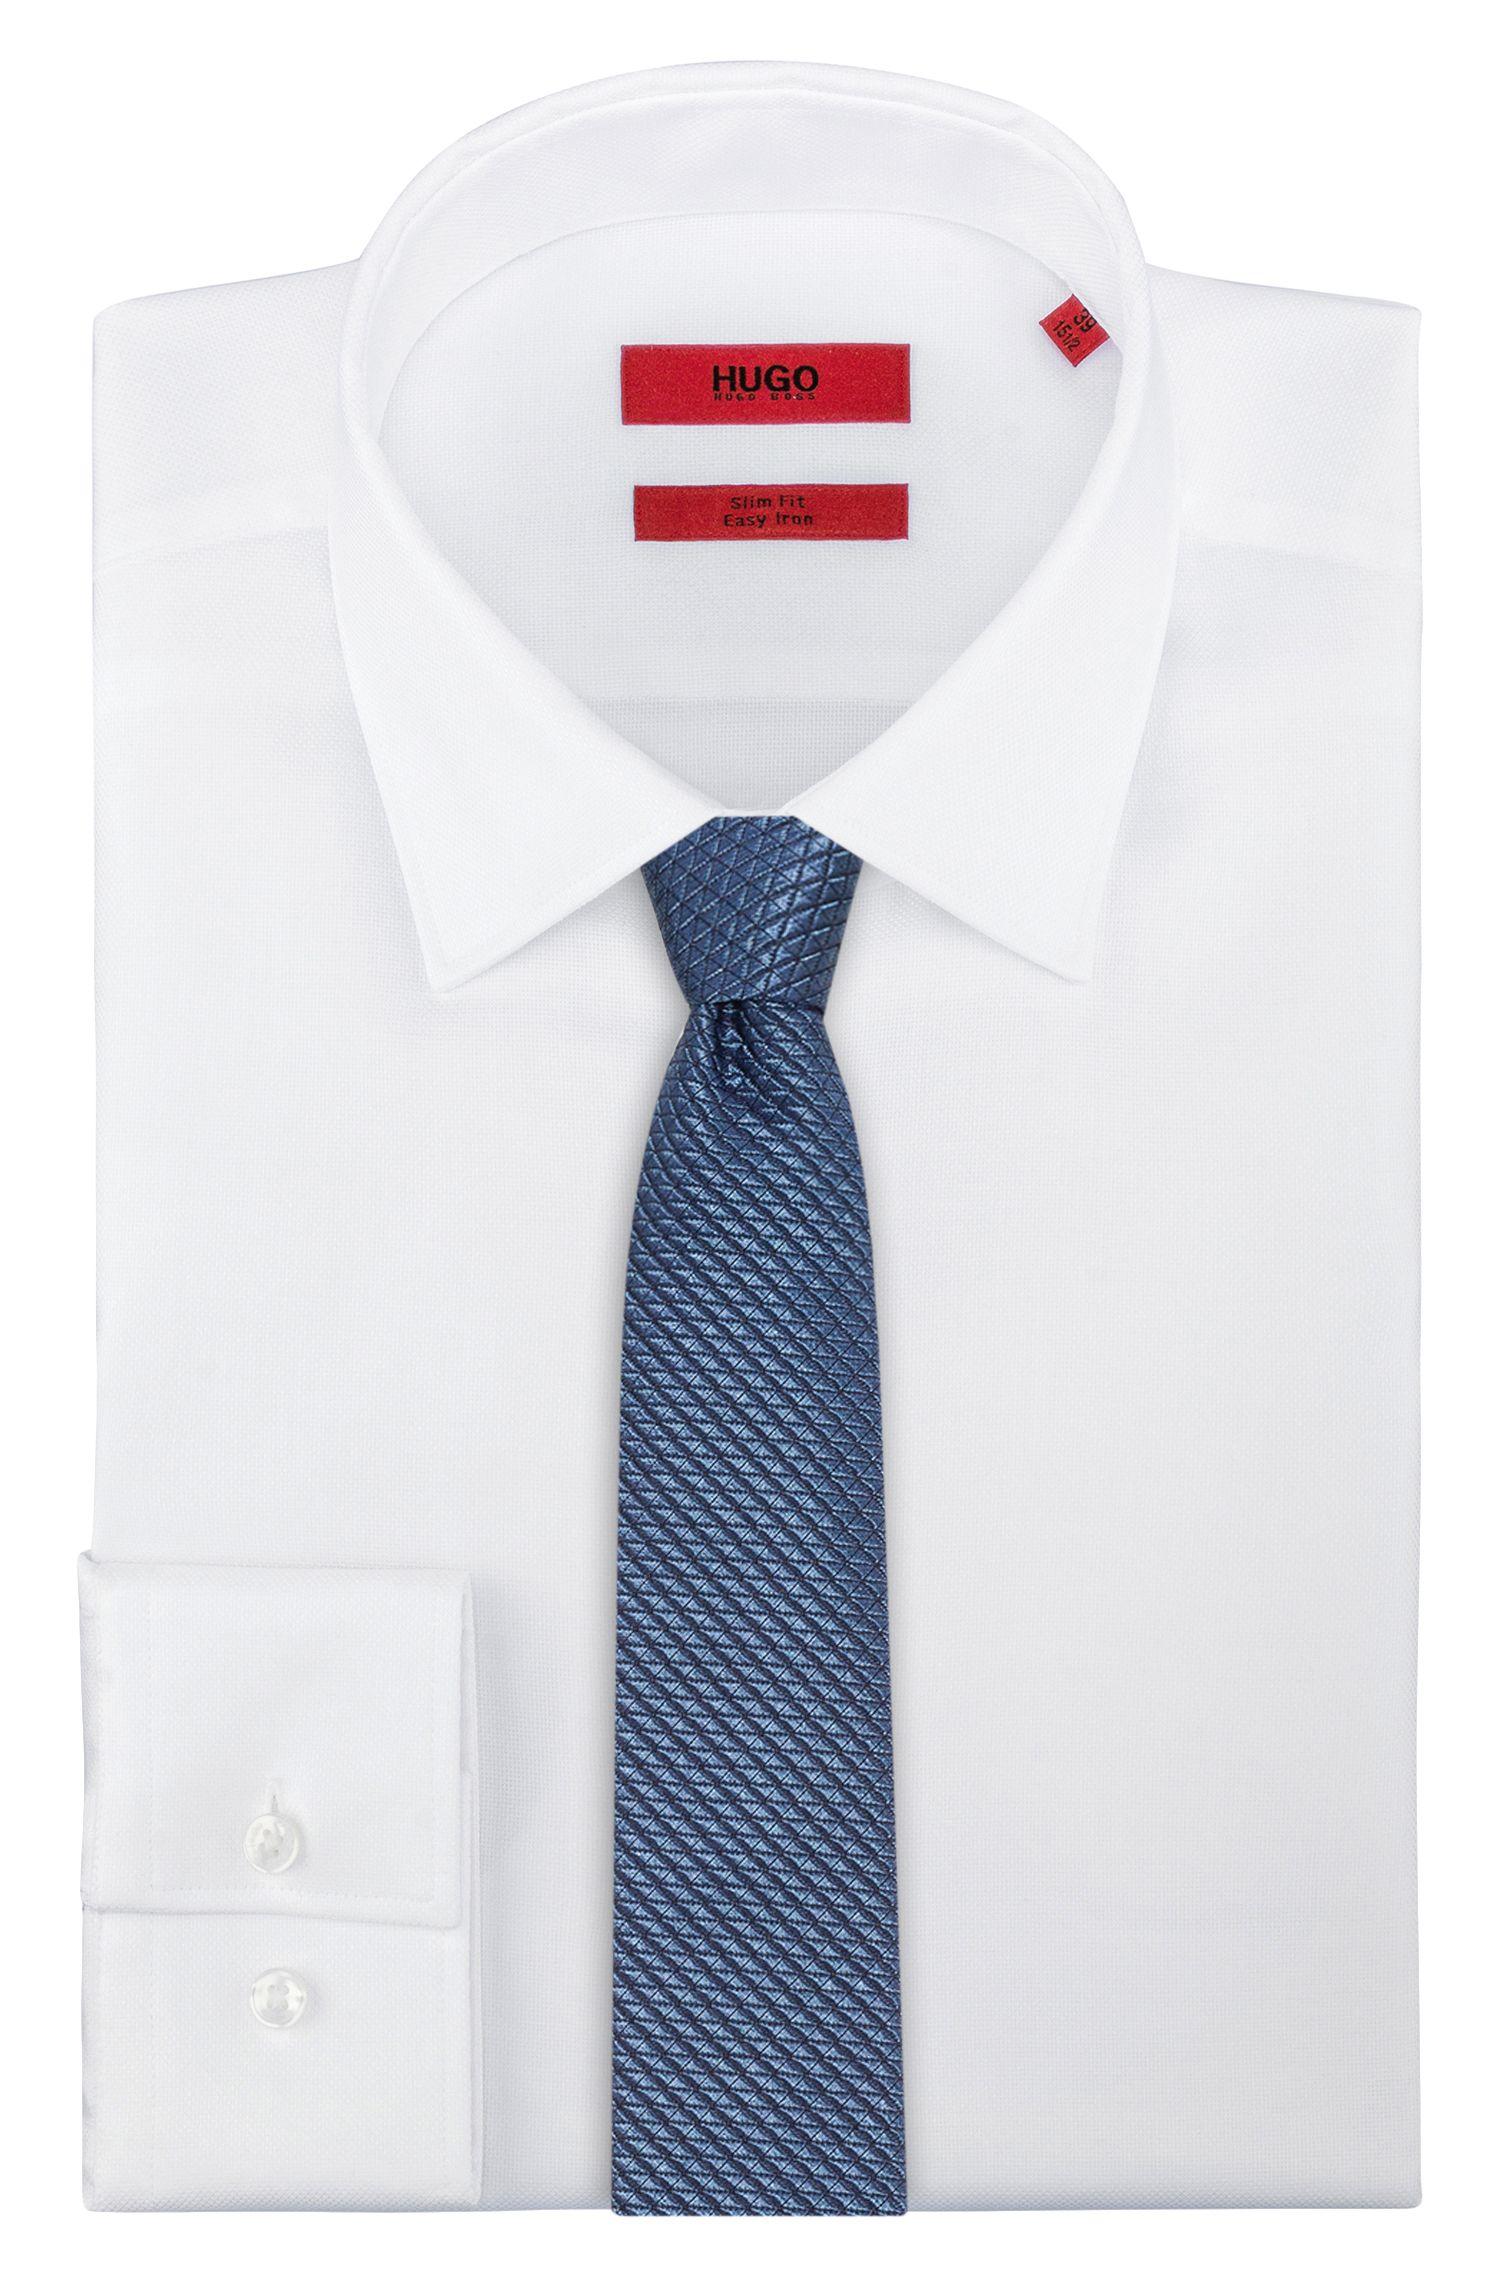 Cravate jacquard moderne en soie mélangée à teneur en stretch